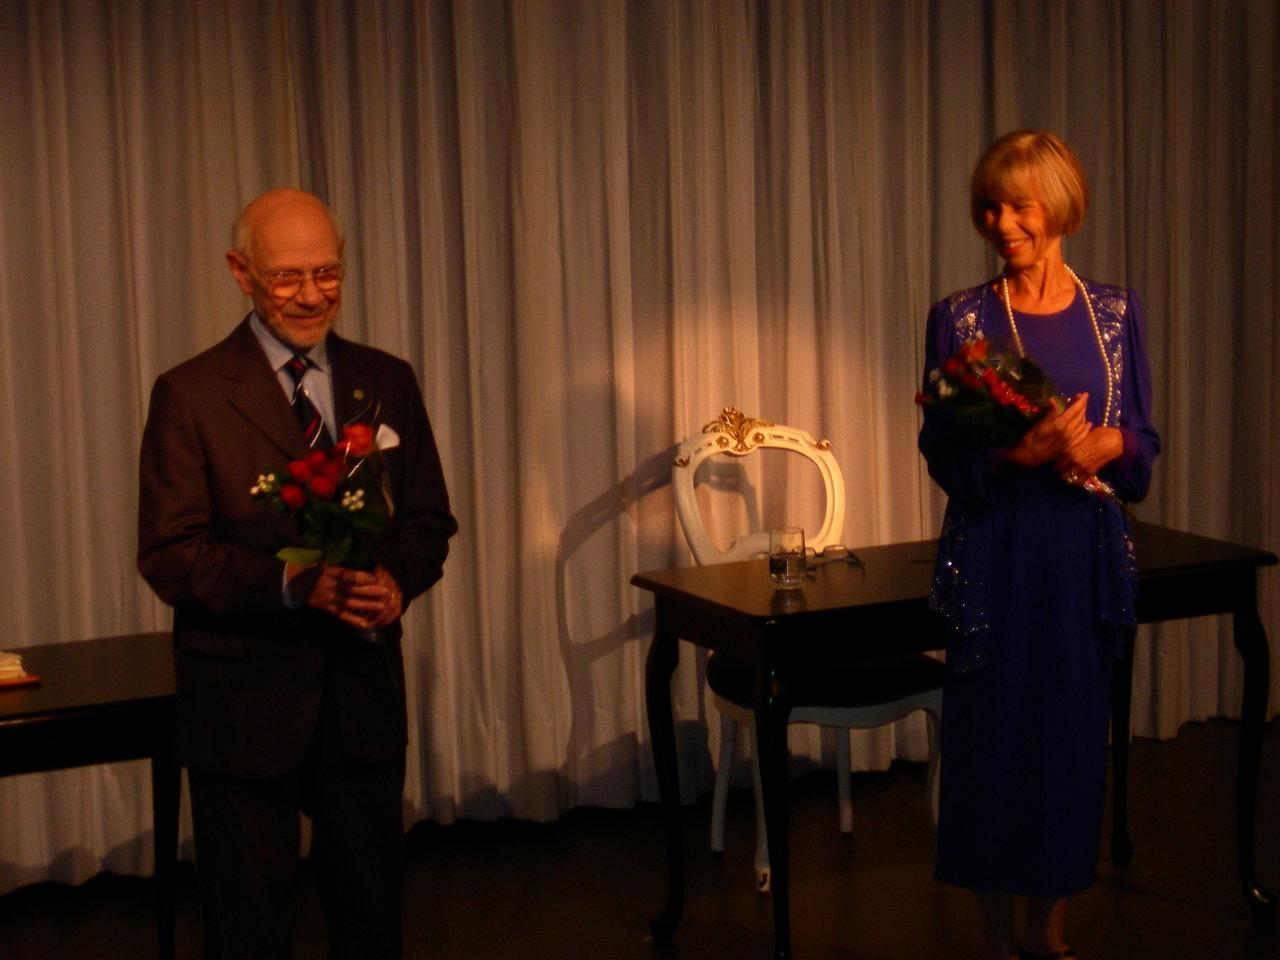 Efter tæppefald  Per Koch og Inge Høyvald